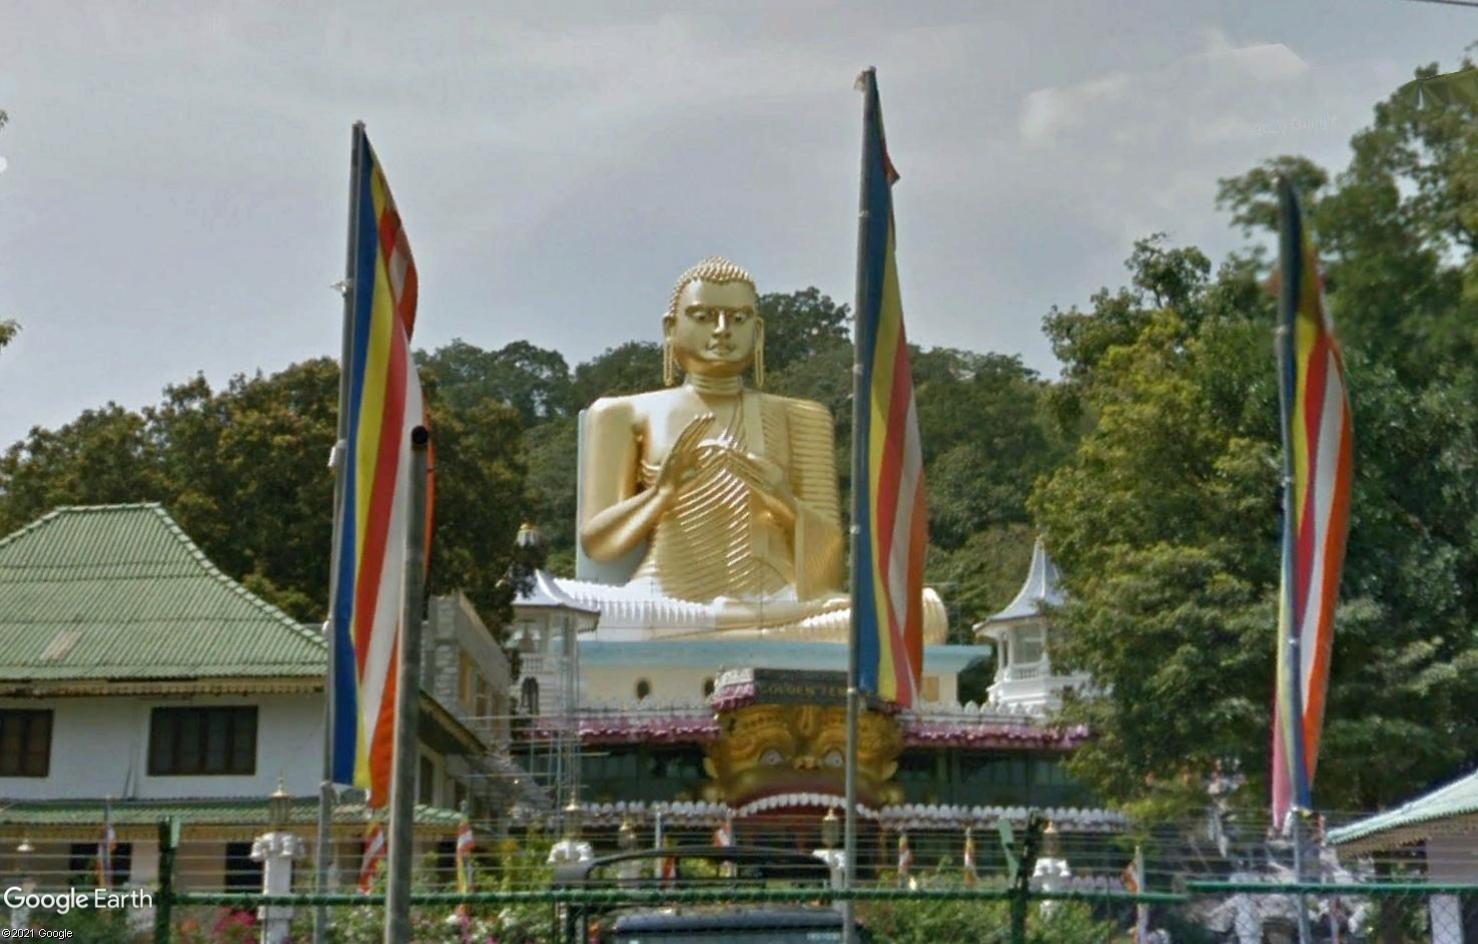 Les statues de Bouddha découvertes dans Google Earth - Page 8 Tsge2070